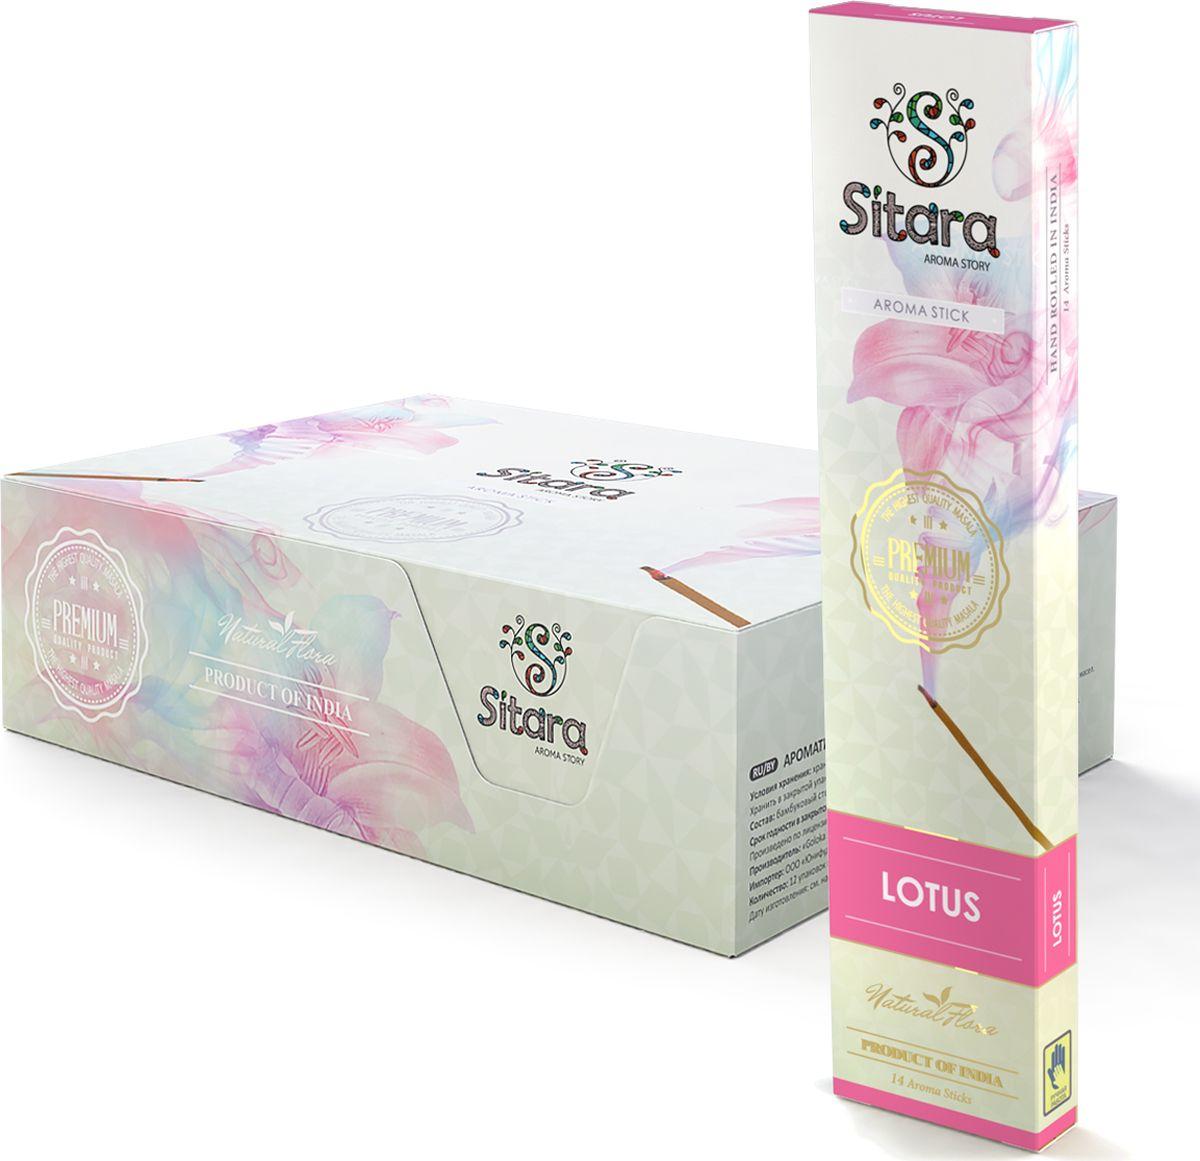 Ароматические палочки Sitara Premium Lotus, 14 палочек10312Обзор:Терпкий аромат лотоса успокаивает и помогает справиться с нервным напряжением. Великолепный релаксант. Способ применения:Поджечь сторону, противоположную бамбуковому основанию. Через несколько секунд после возгорания задуть пламя. Поставить ароматическую палочку в подставку, соблюдая необходимые меры пожарной безопасности.Состав:Бамбуковый стержень (Bamboo rod), натуральный мед (Honey), смола и пудра сандалового дерева (Resin and sandalwood powder), натуральная эссенция эфирных масел (Essential oils)С осторожностью: Людям страдающими заболеваниями дыхательных путей, аллергическими реакциями, при беременности.В блоке 12 пачек.